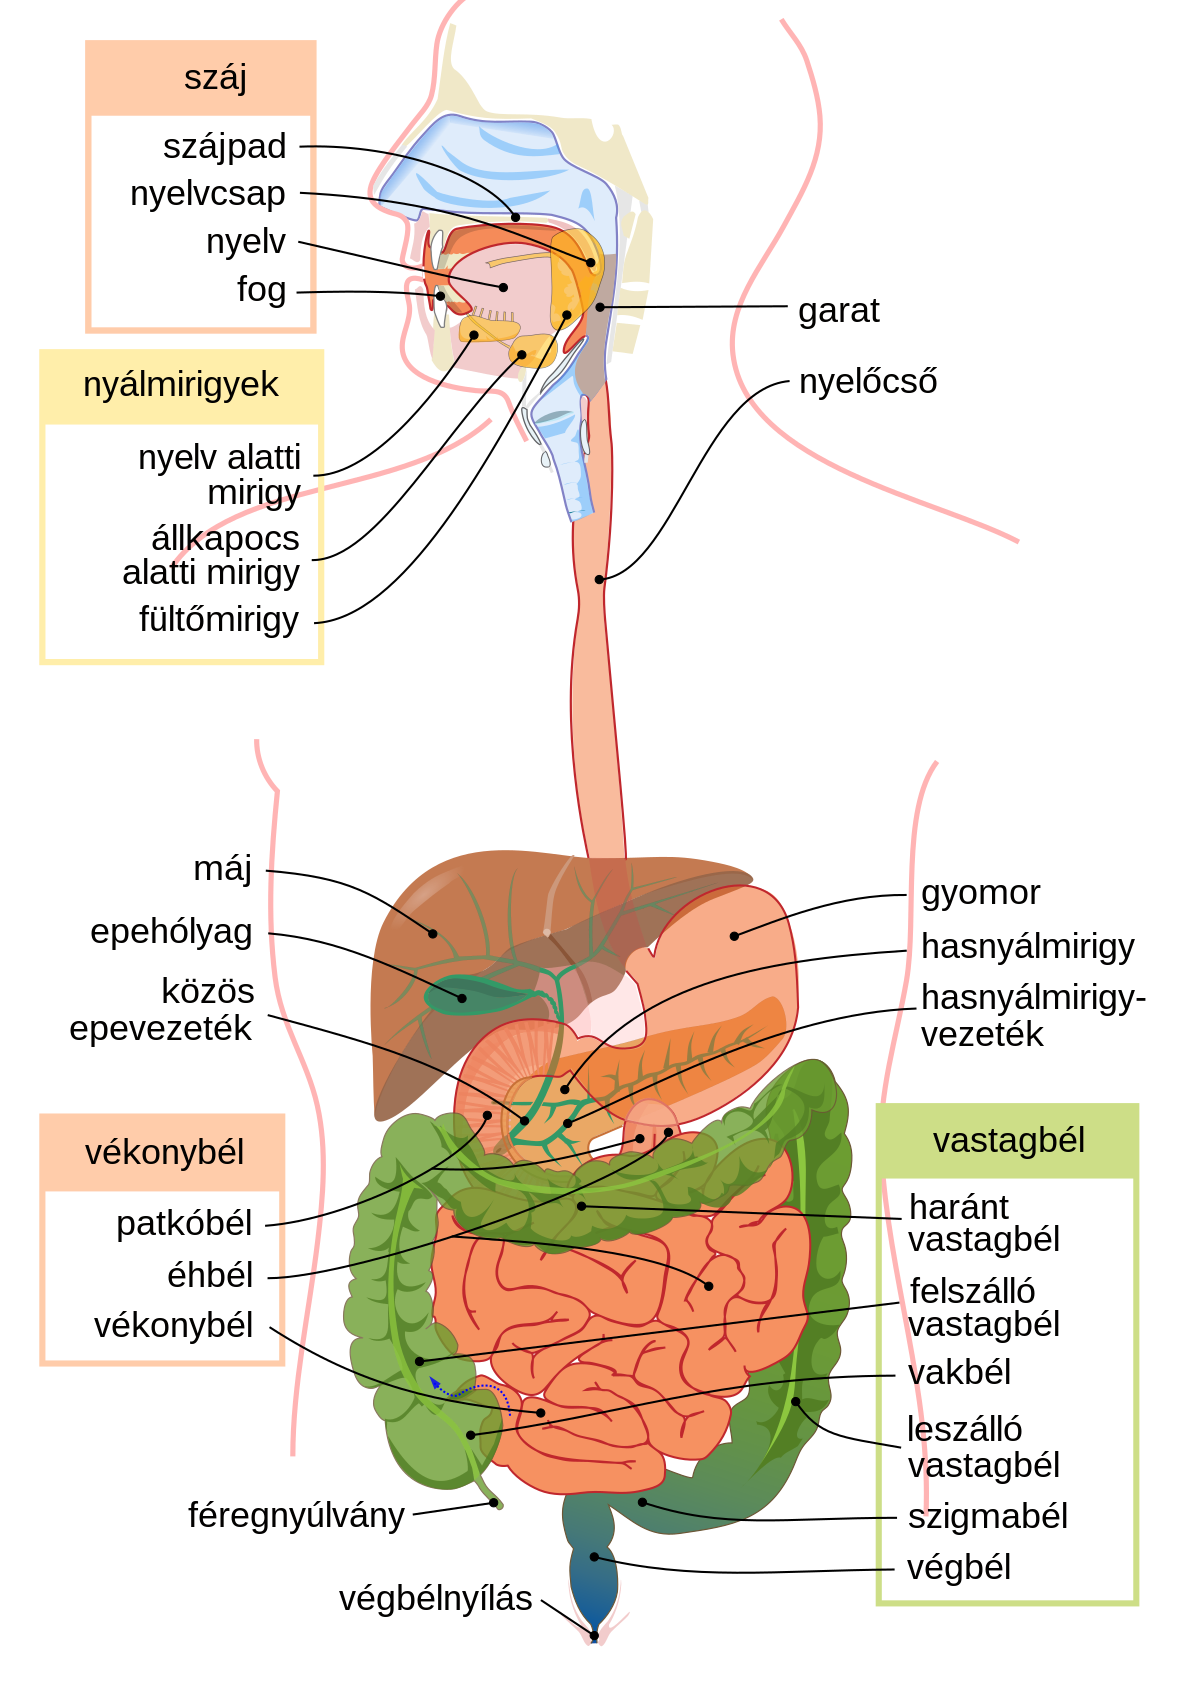 férgek, amelyek befolyásolják a vastagbél giardia untreated in humans